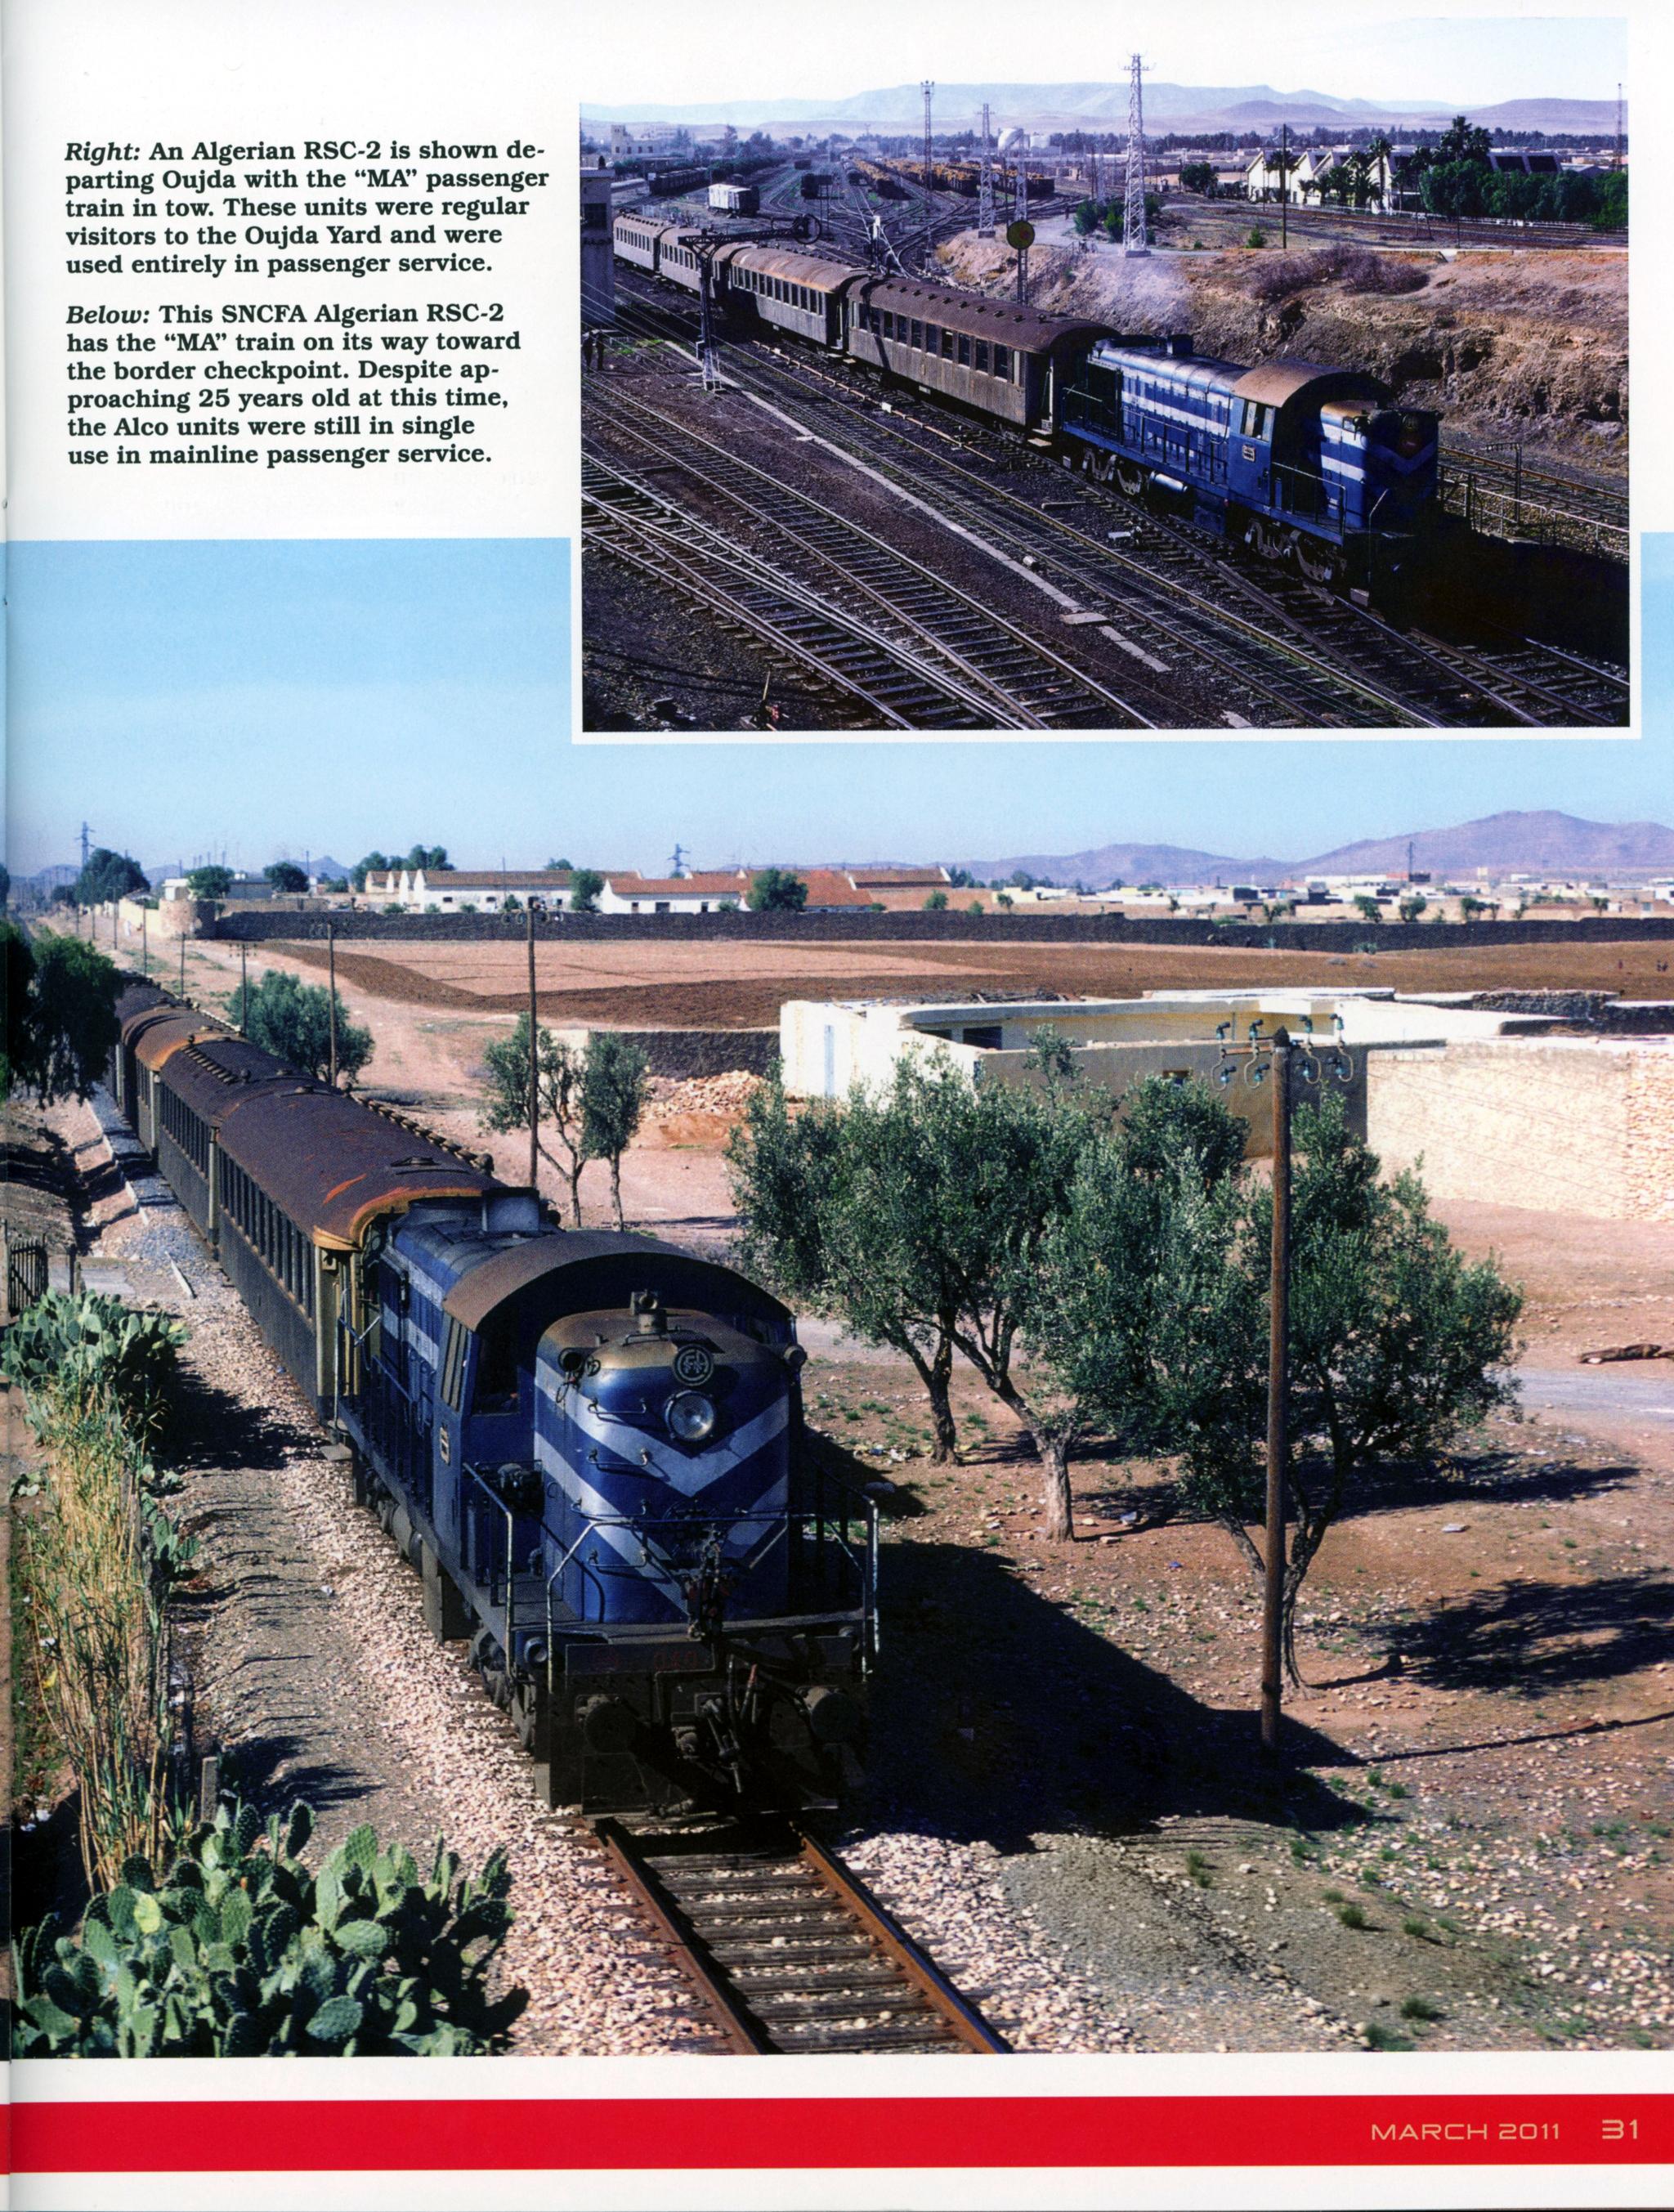 Chemins de Fer au Maroc - ONCF  - Page 5 49775907332_654af82950_o_d